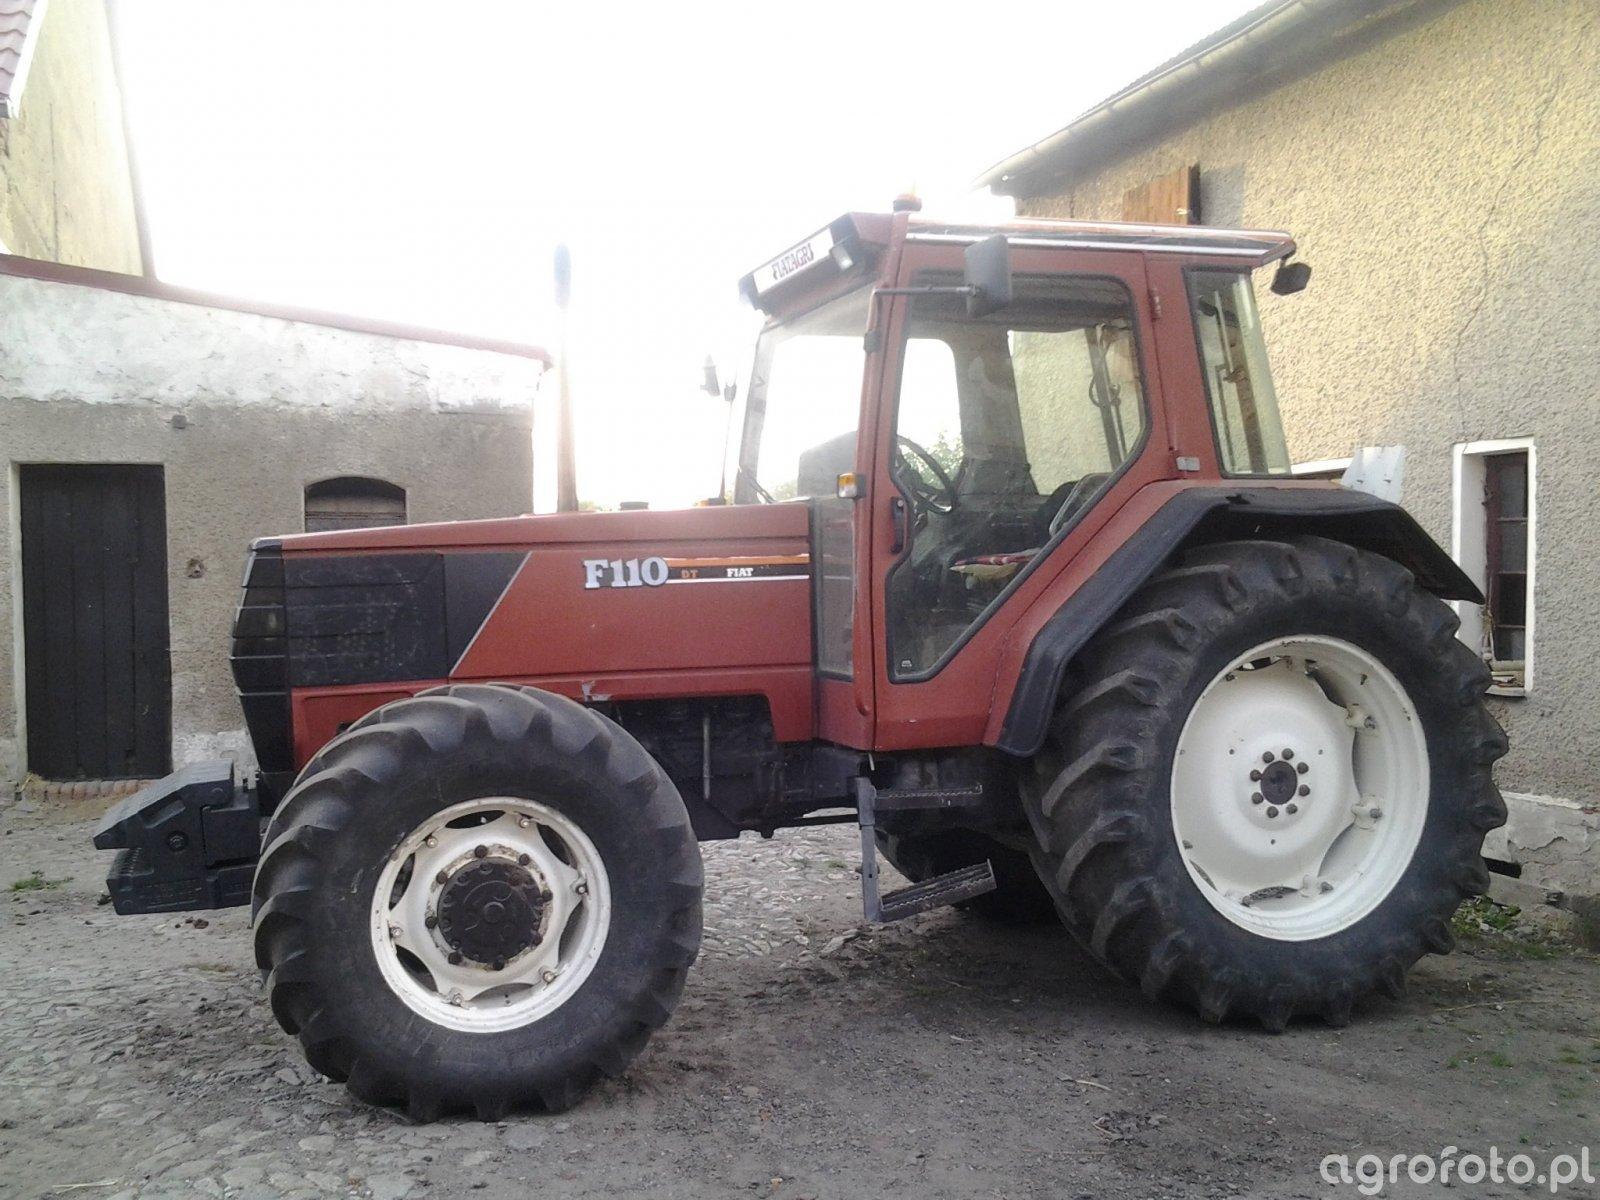 Fiat f 110